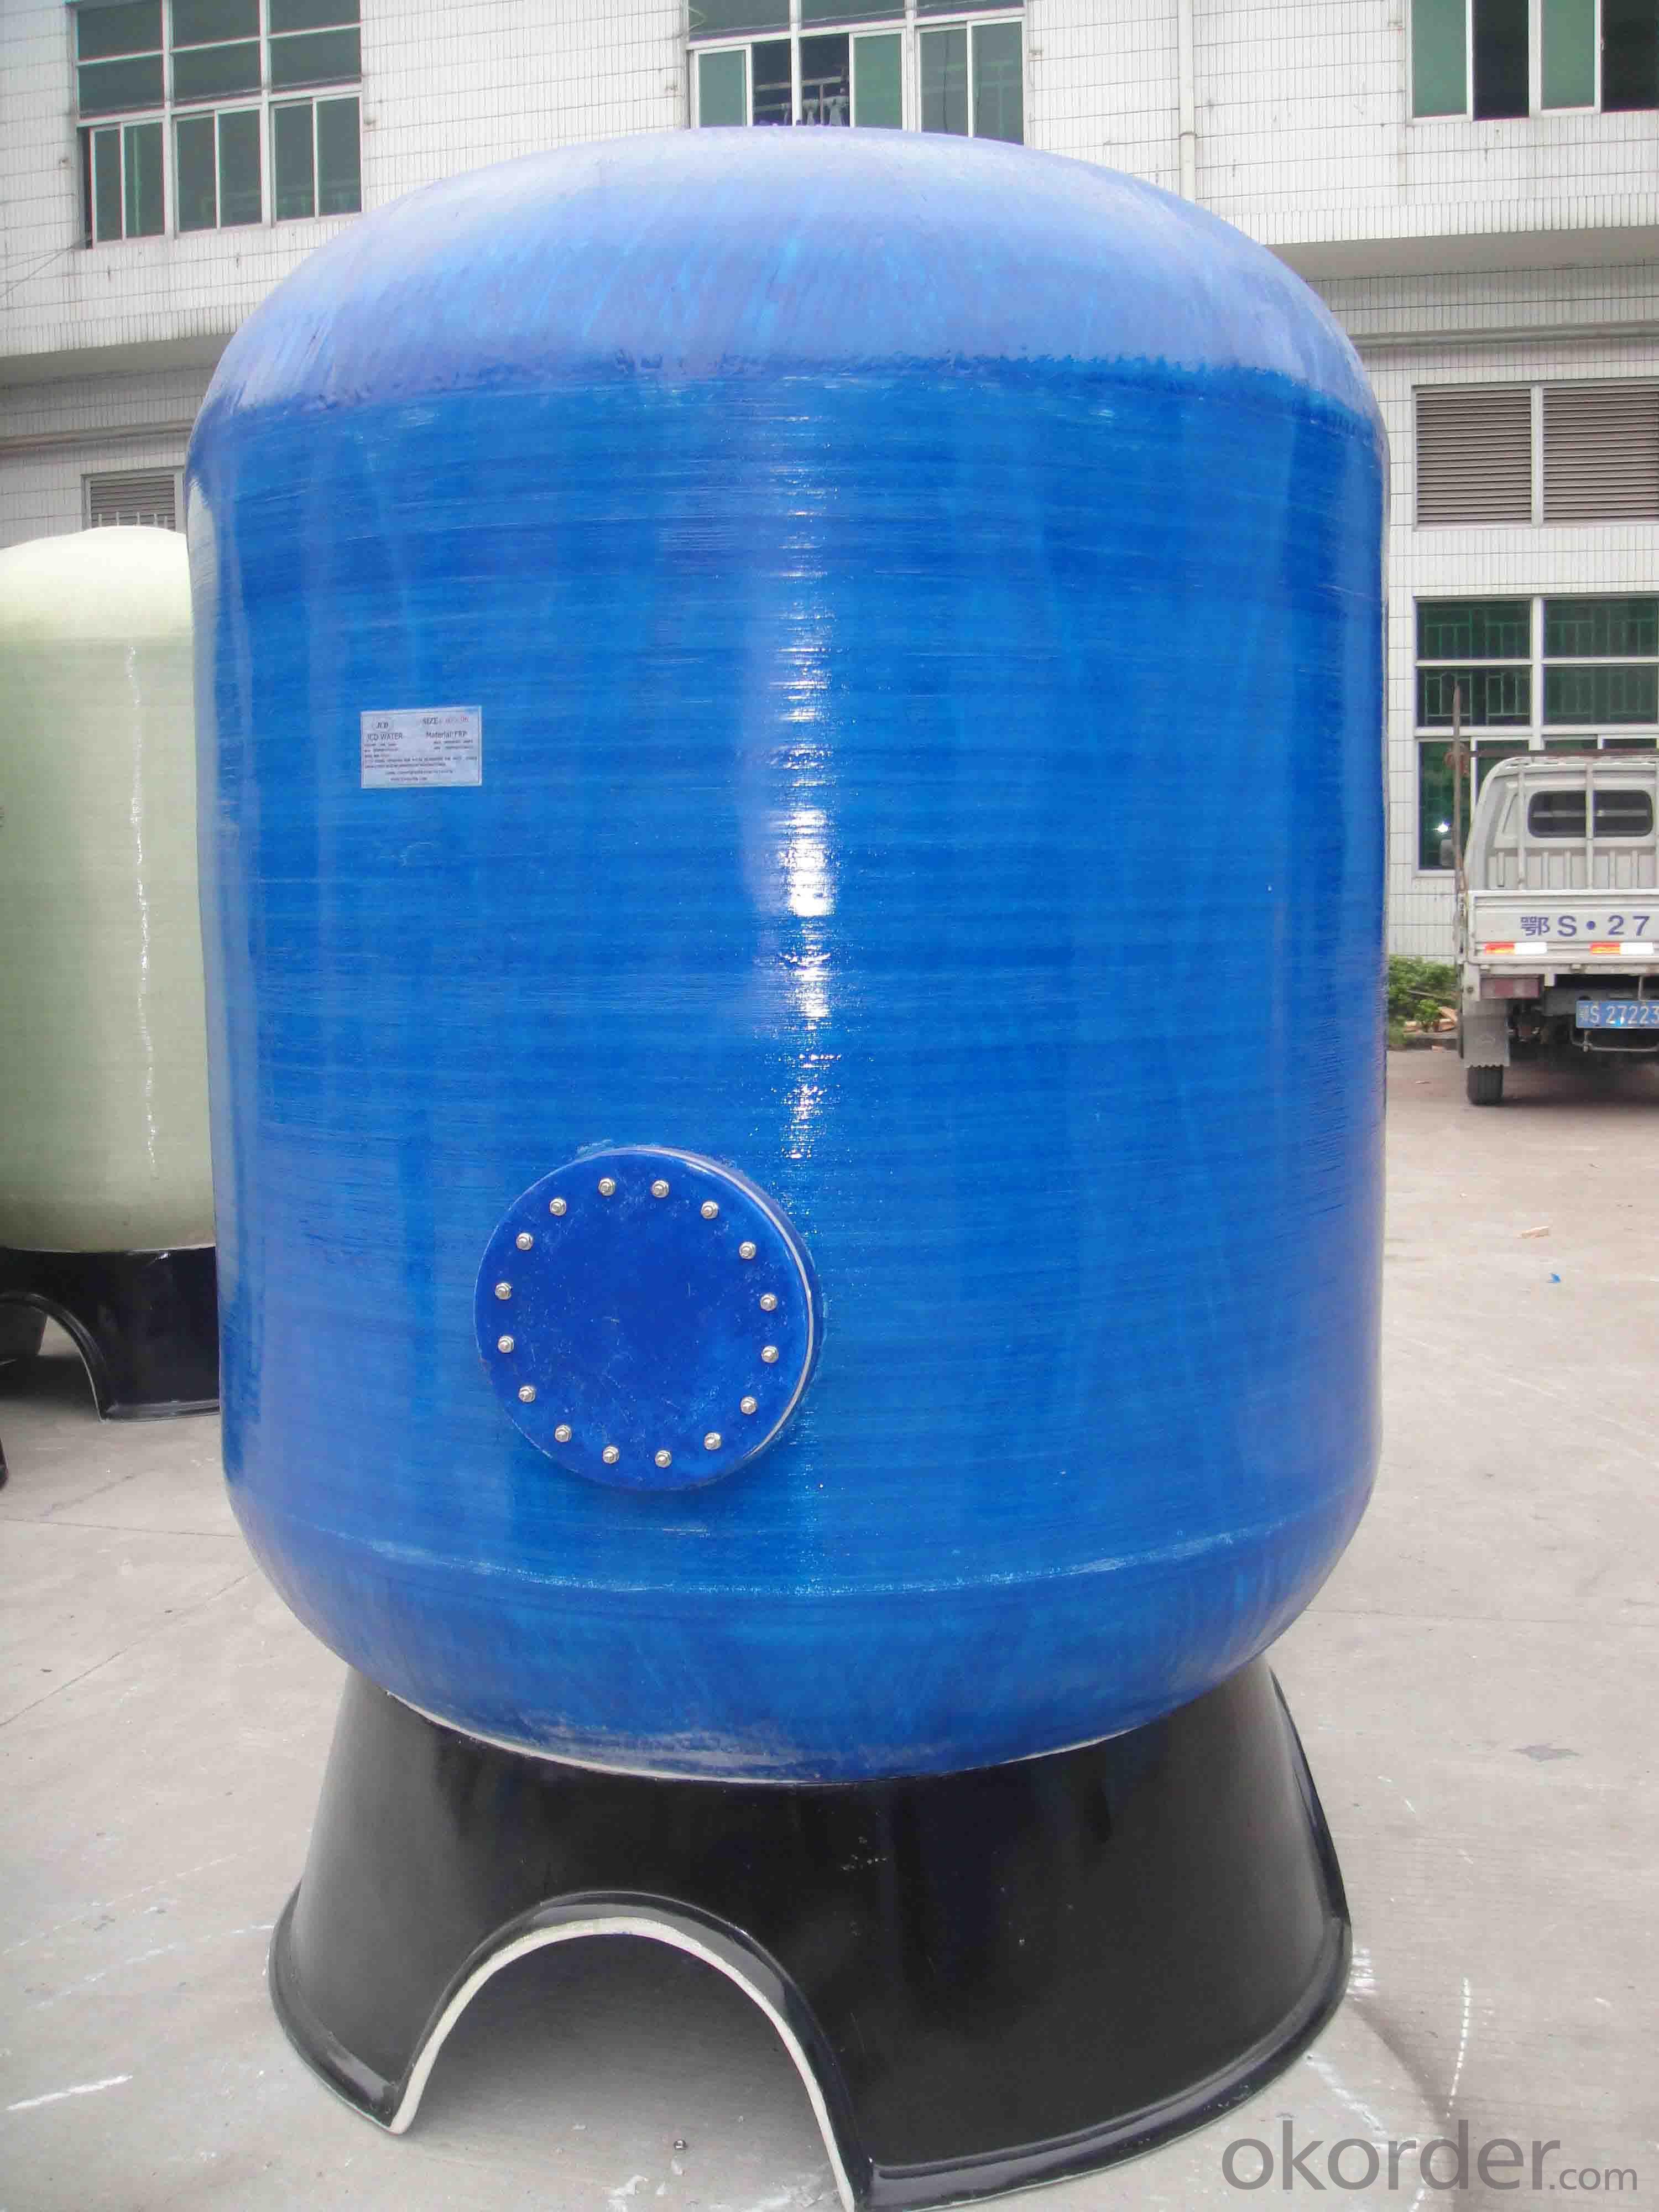 Fiberglass Water Storage Tanks